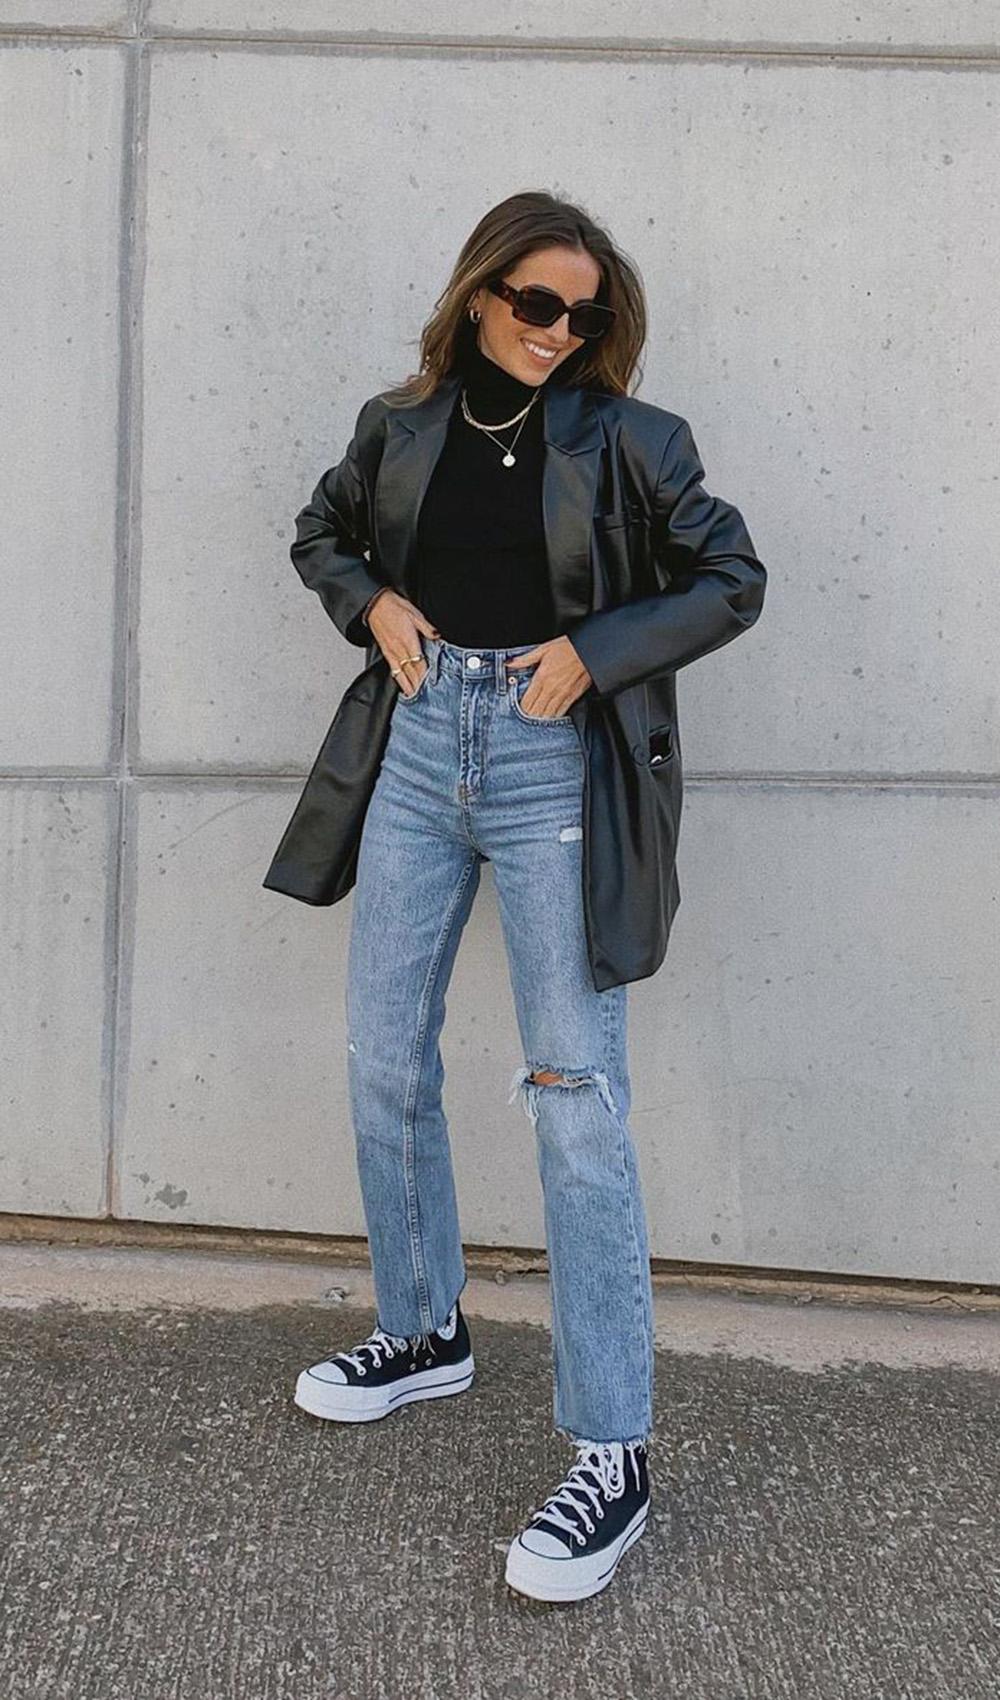 jaqueta de couro, blusa de gola alta preta, calça jeans reta e tênis all star